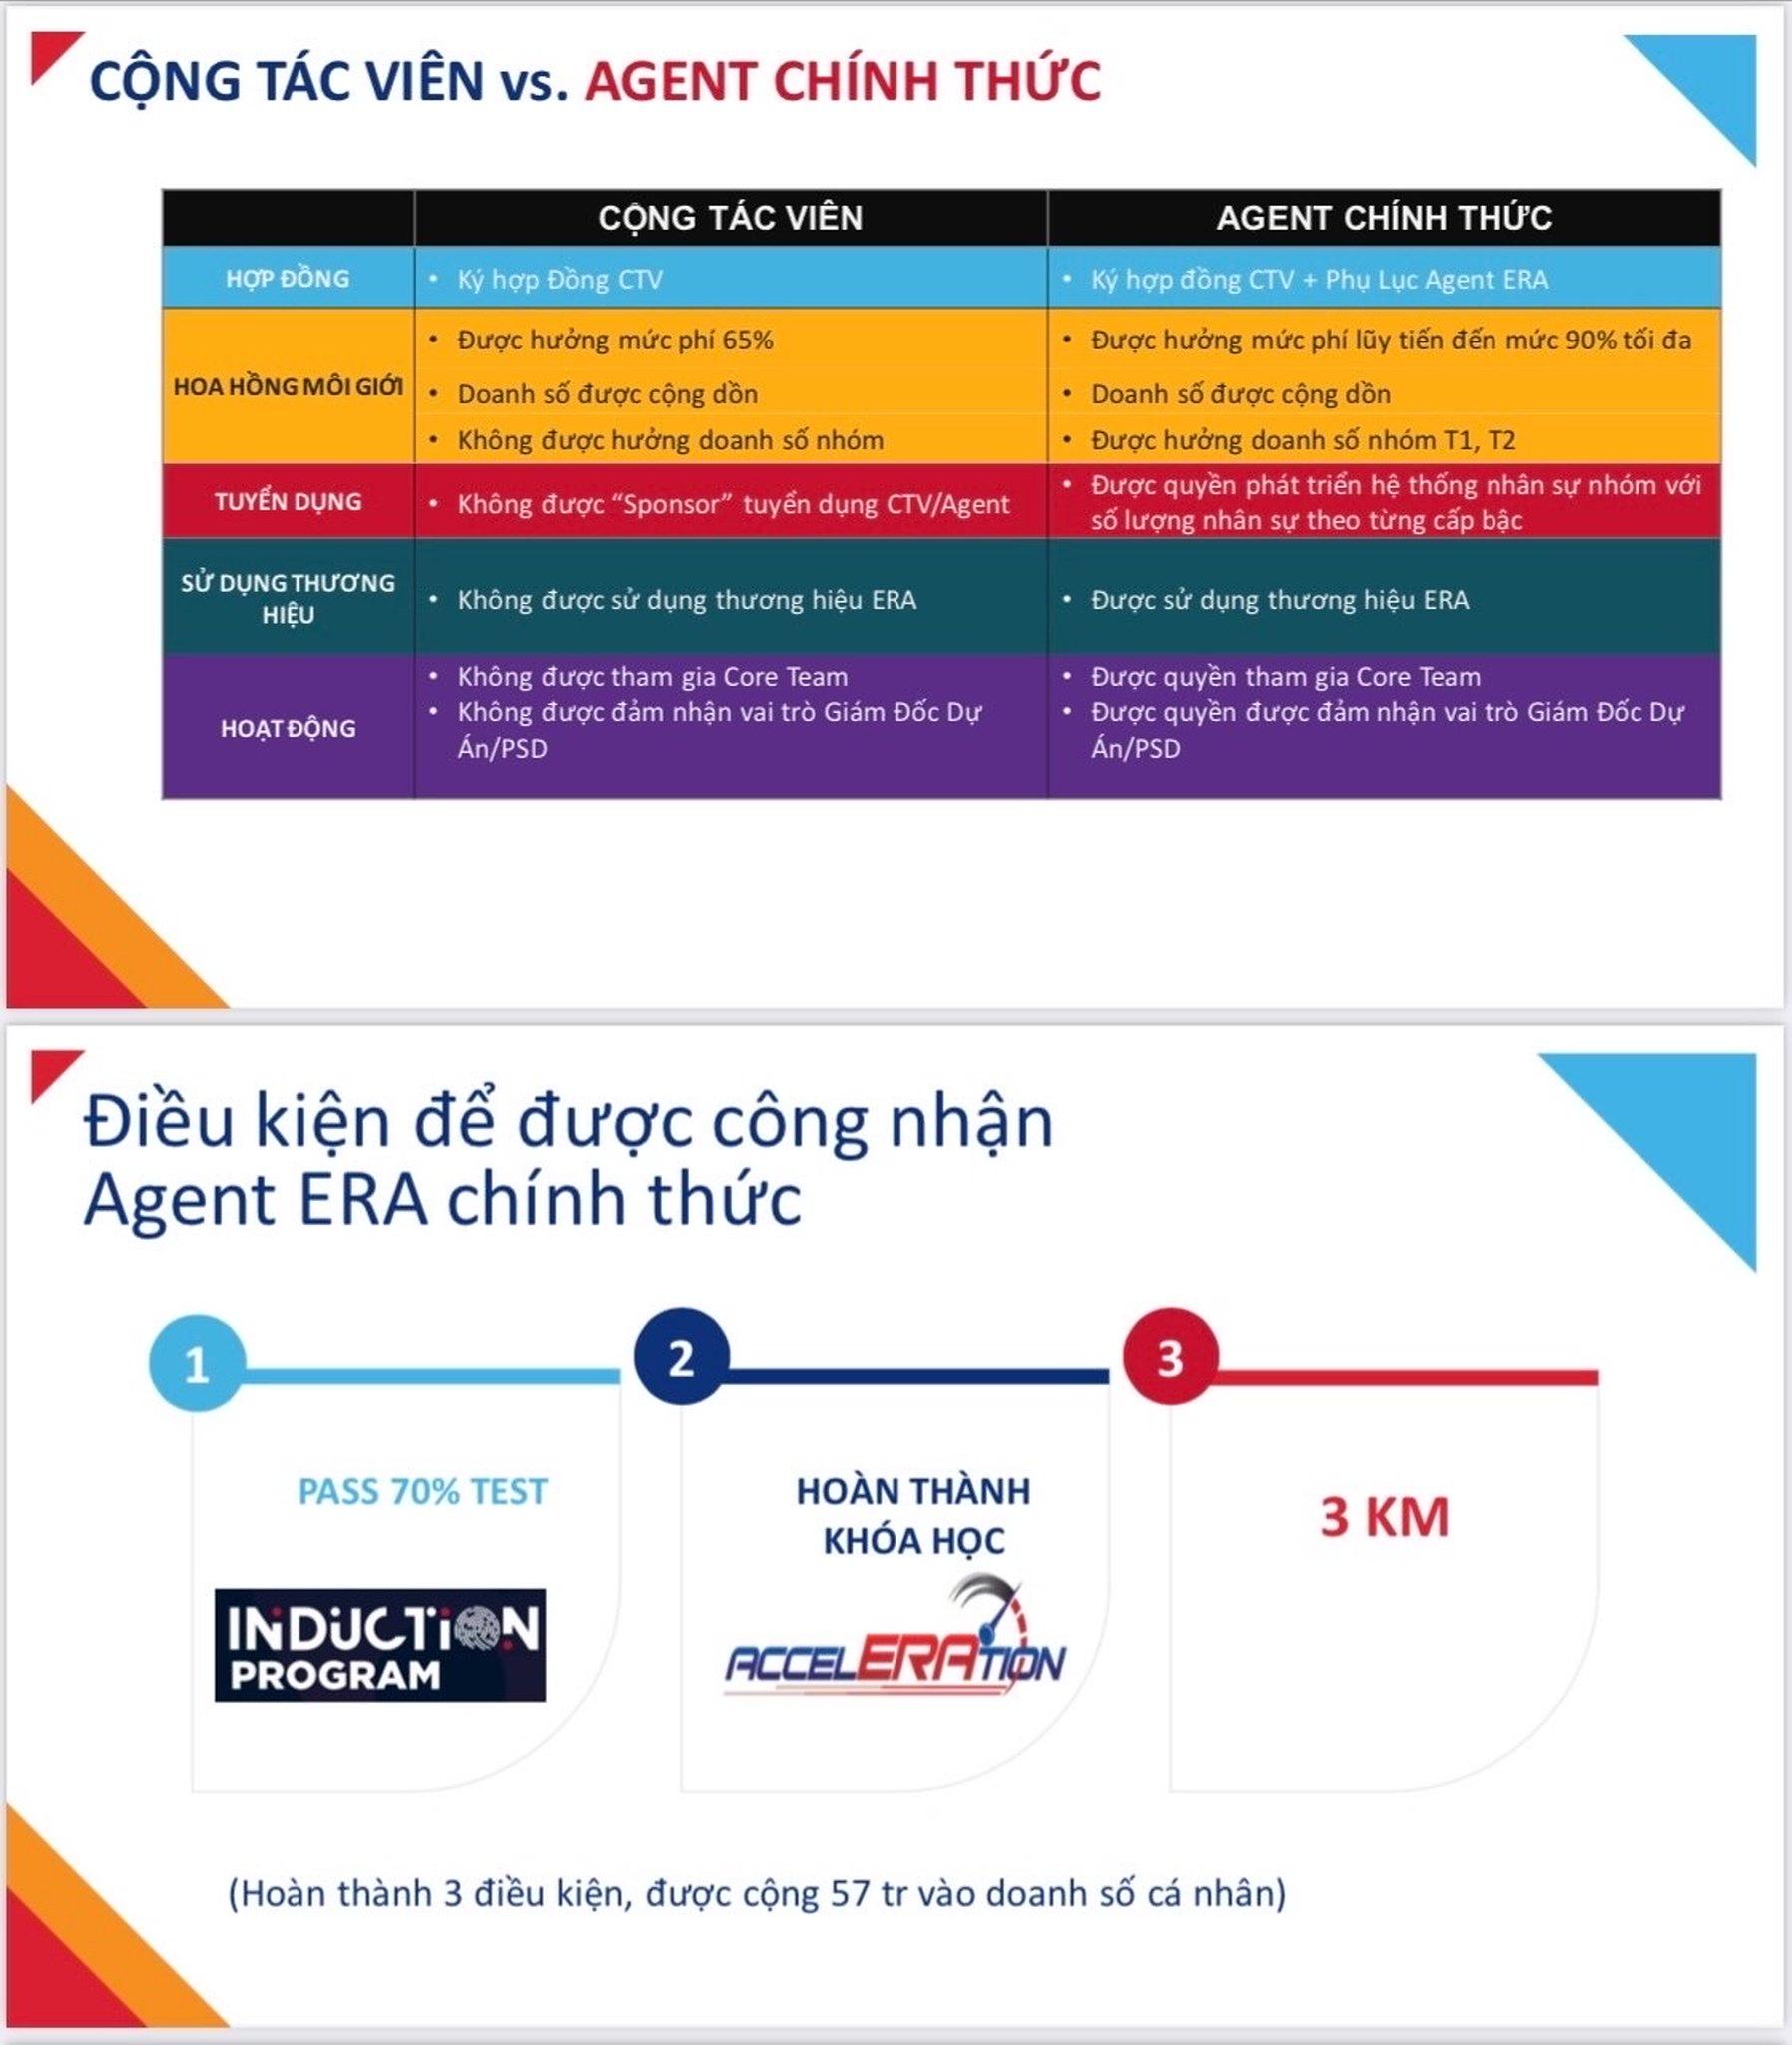 Phân biệt Agents và Cộng tác viên Bất động sản tại ERA Vietnam 2